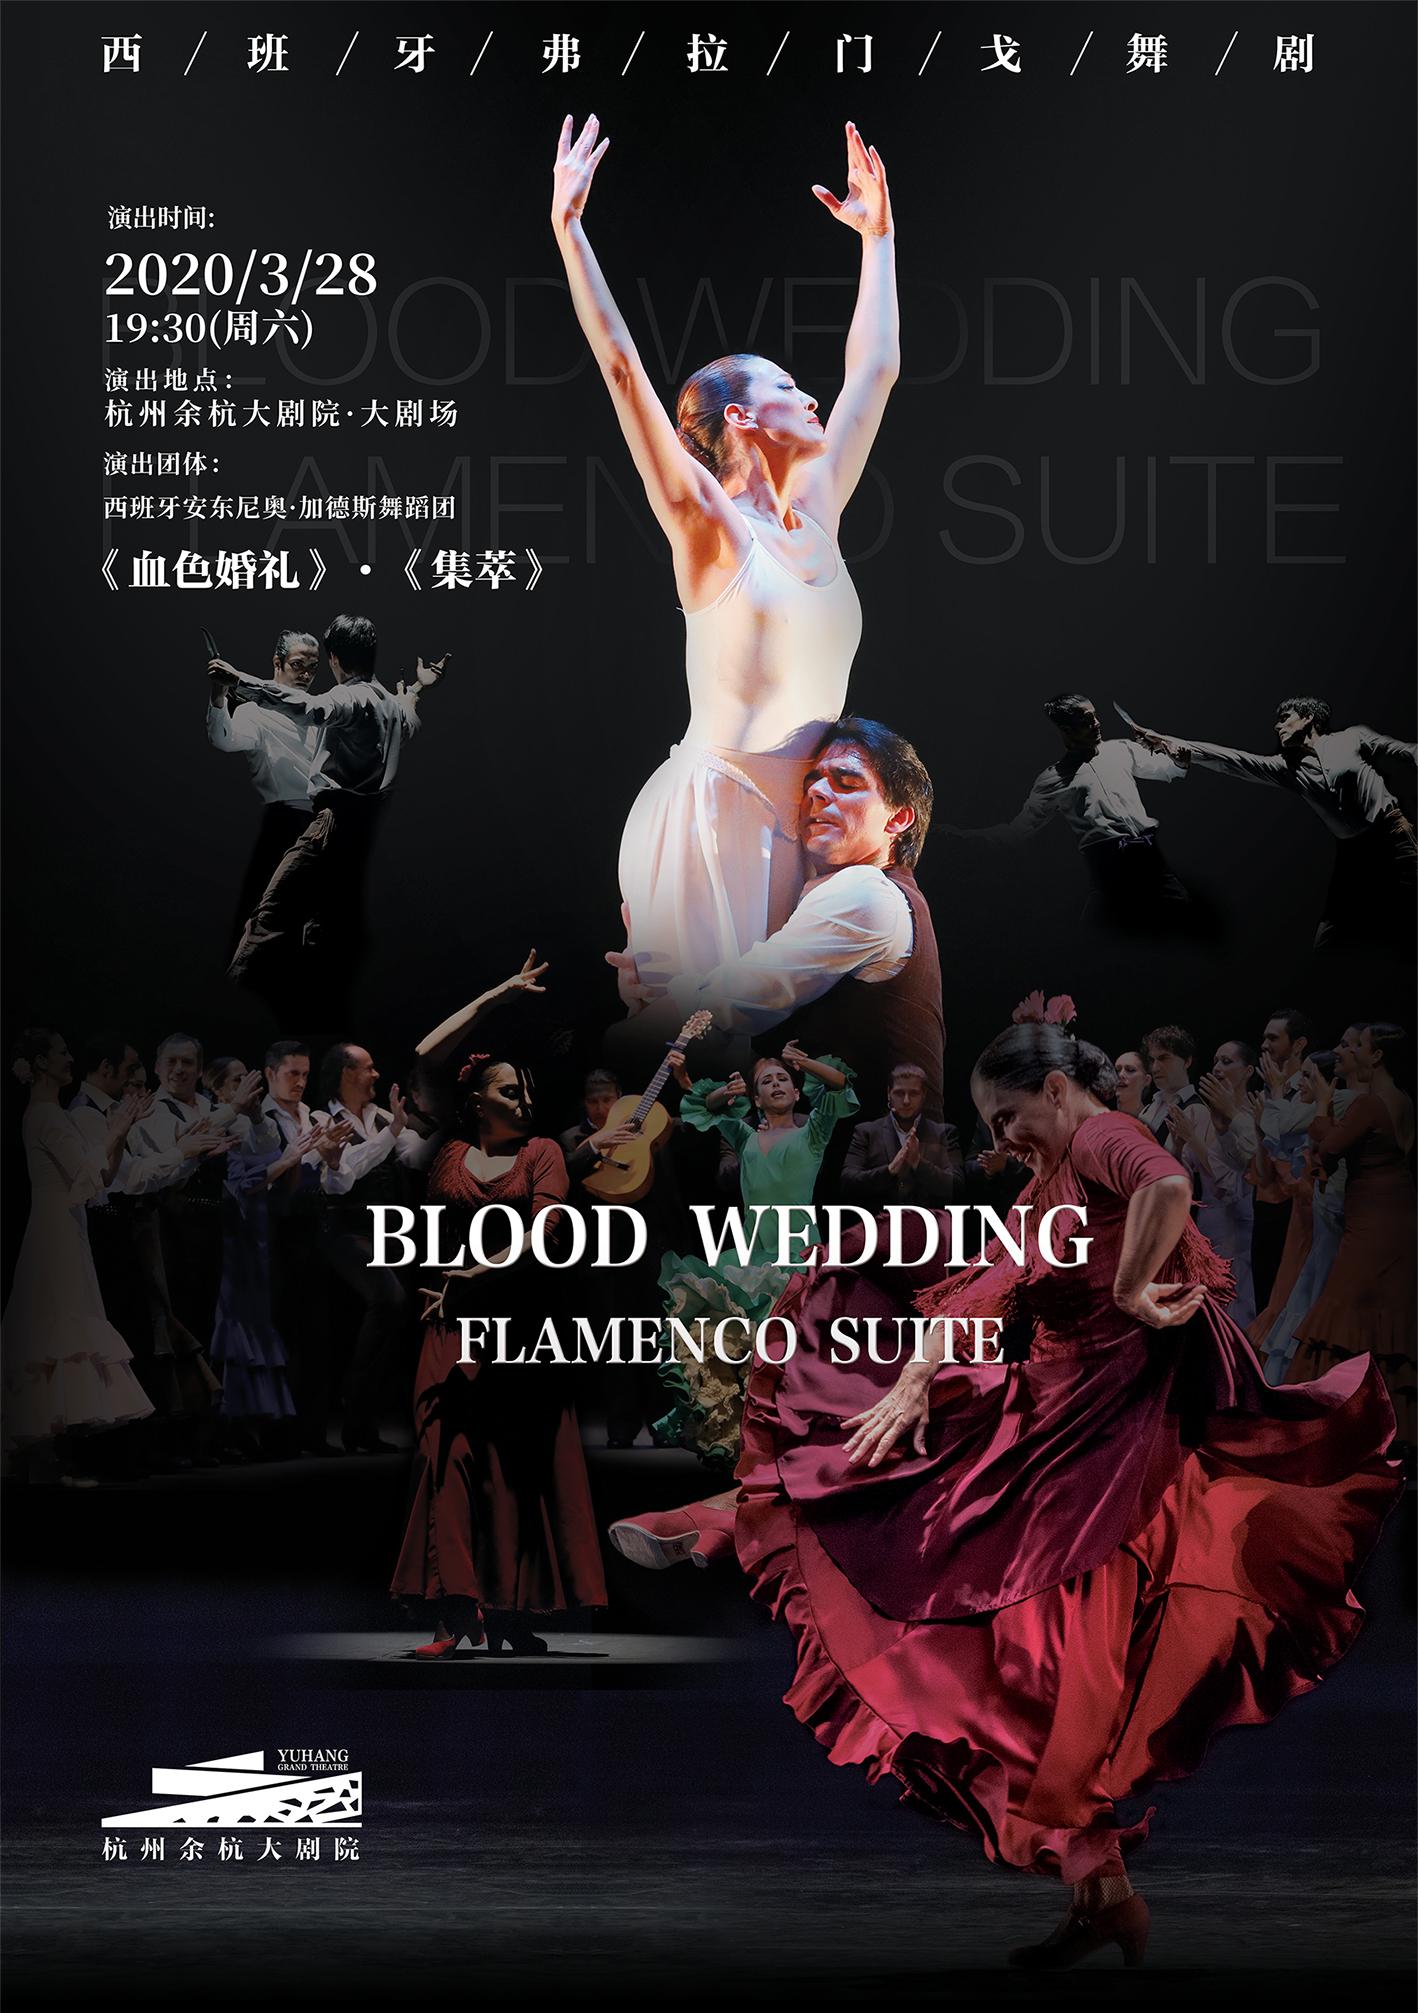 西班牙弗拉门戈舞剧《血色婚礼》・《集萃》杭州站